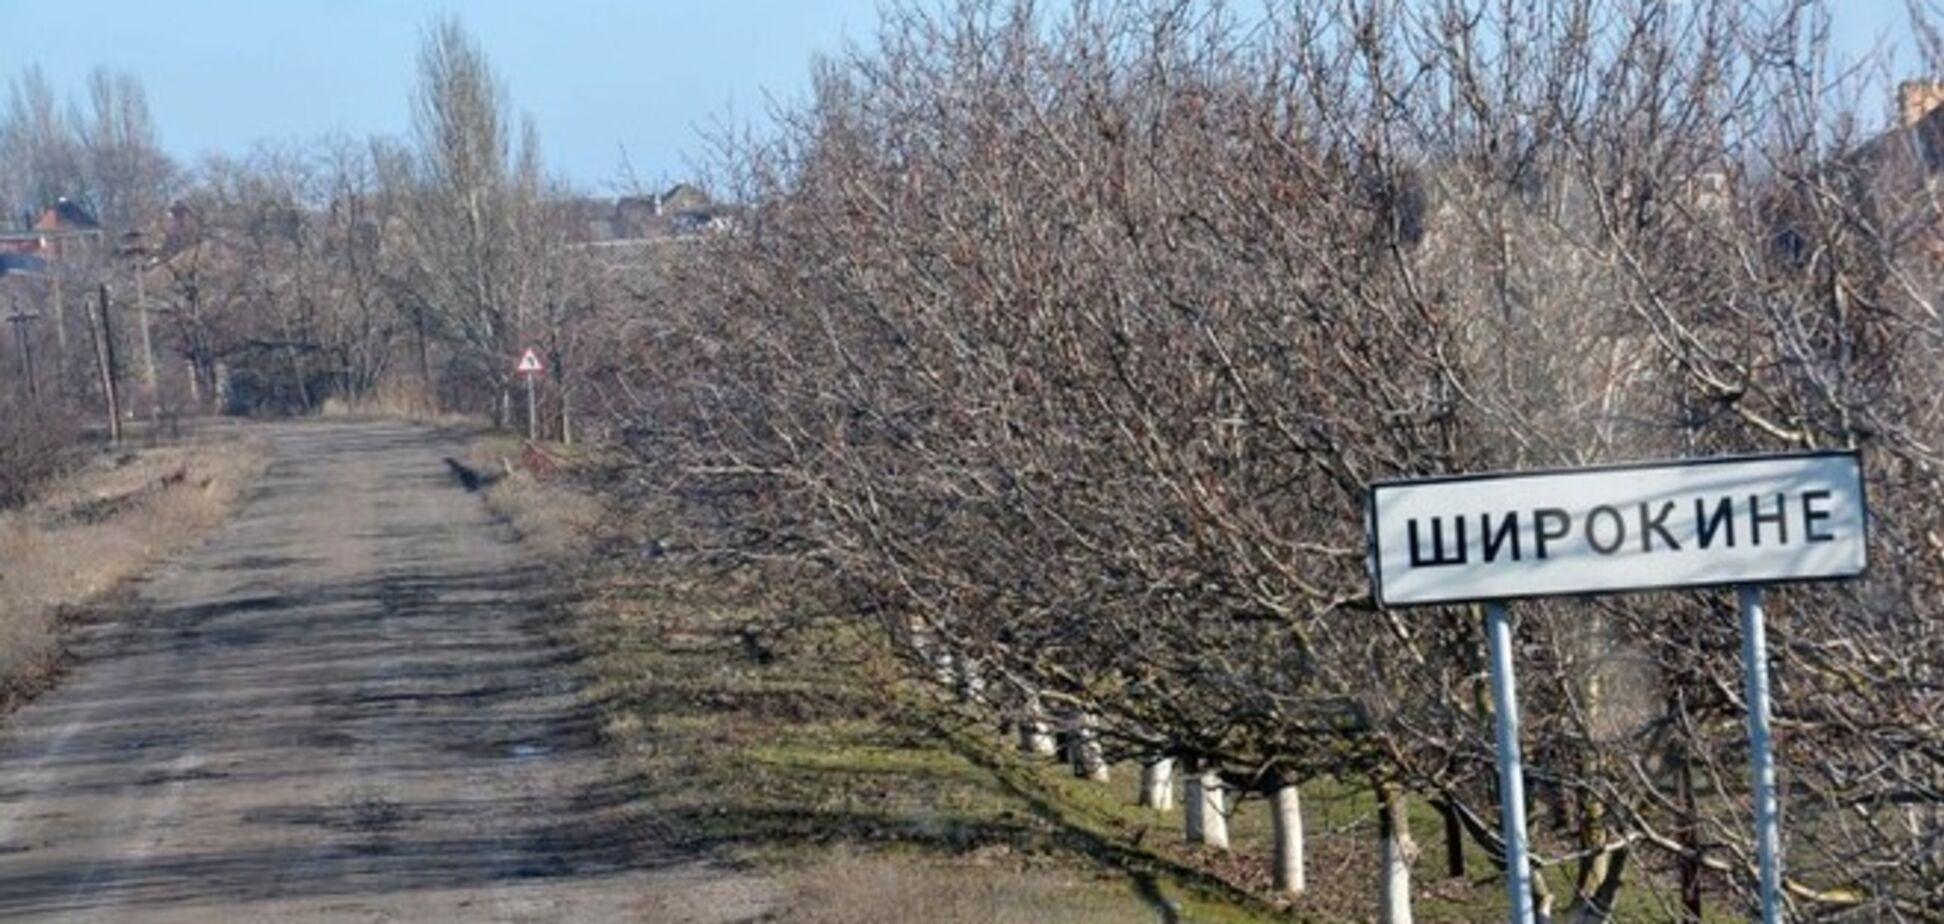 В районе Широкино погиб украинский военный